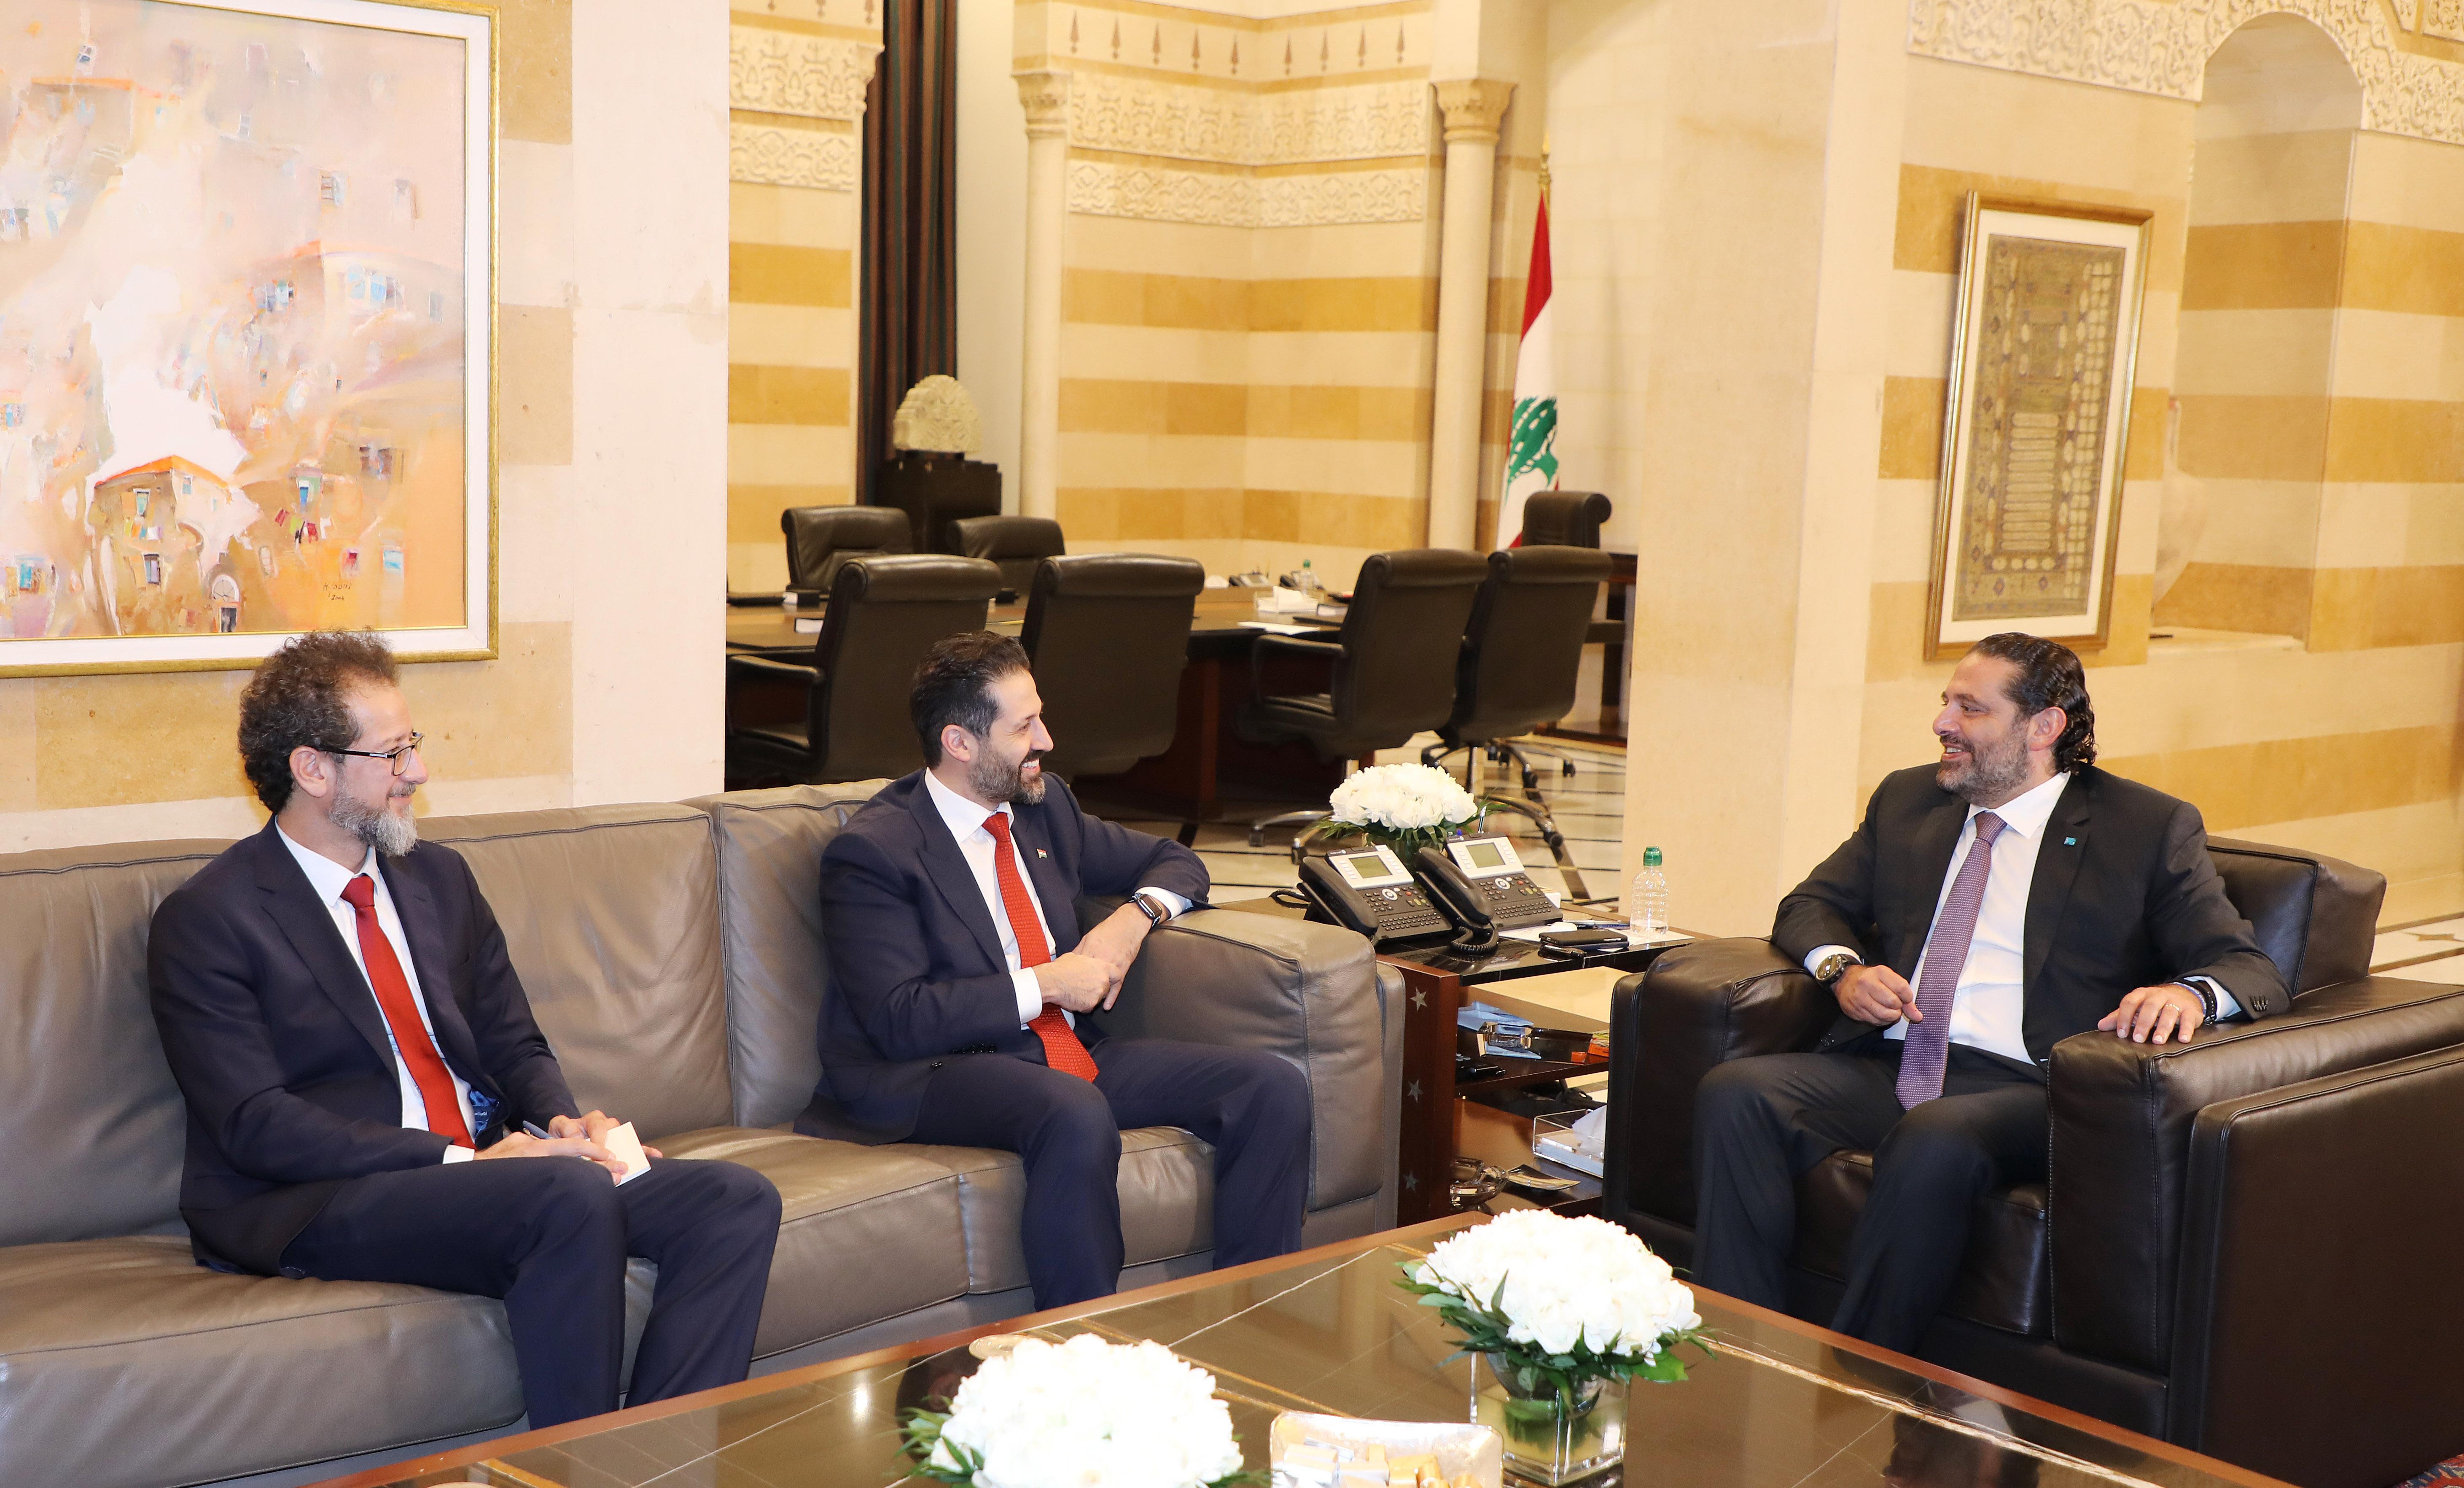 Pr Minister Saad Hariri meets a Delegation from Kurdistan 1